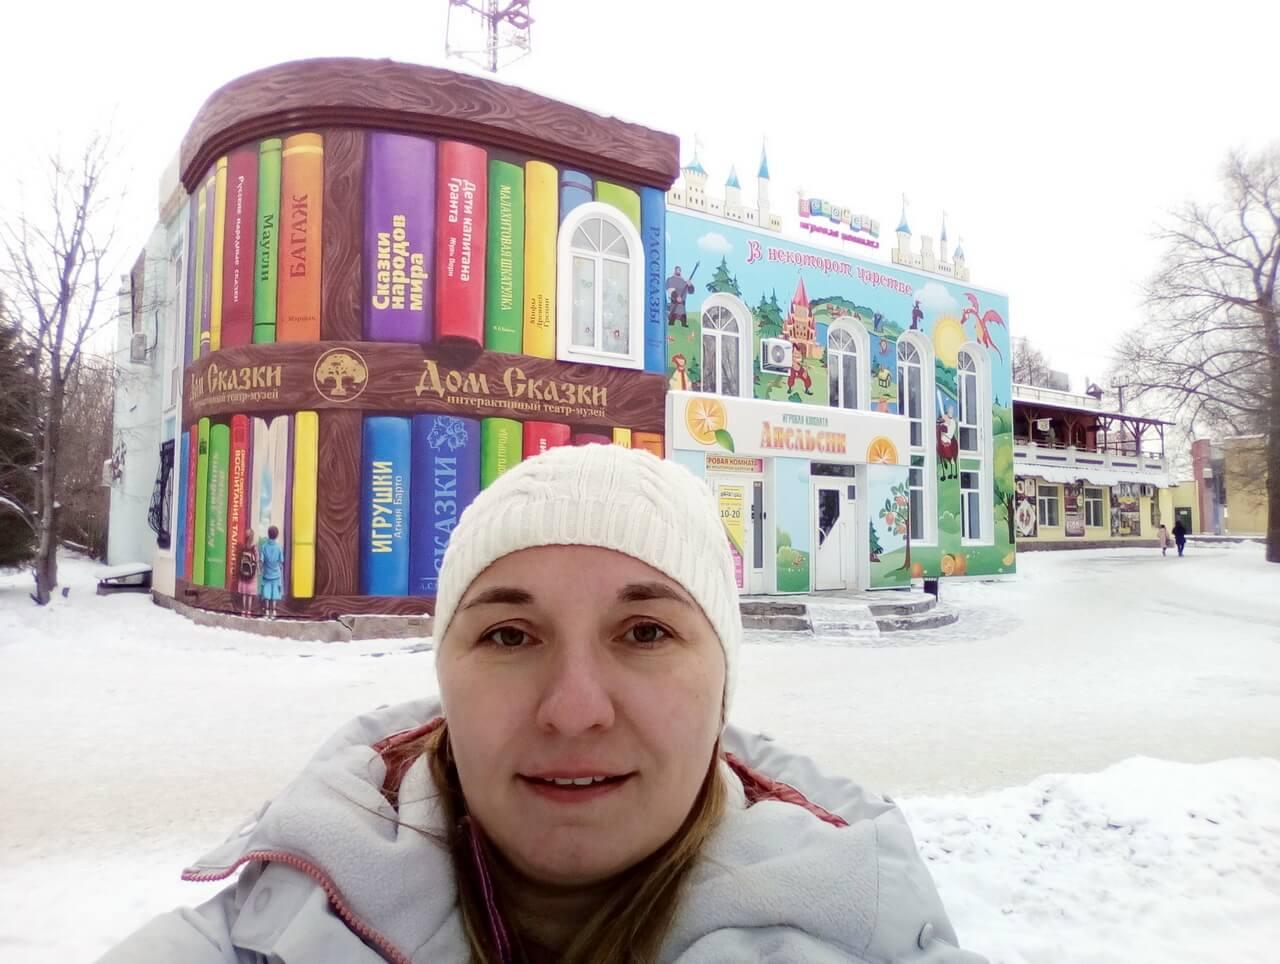 Интерактивный театр-музей «Дом Сказки» в парке Пушкина.